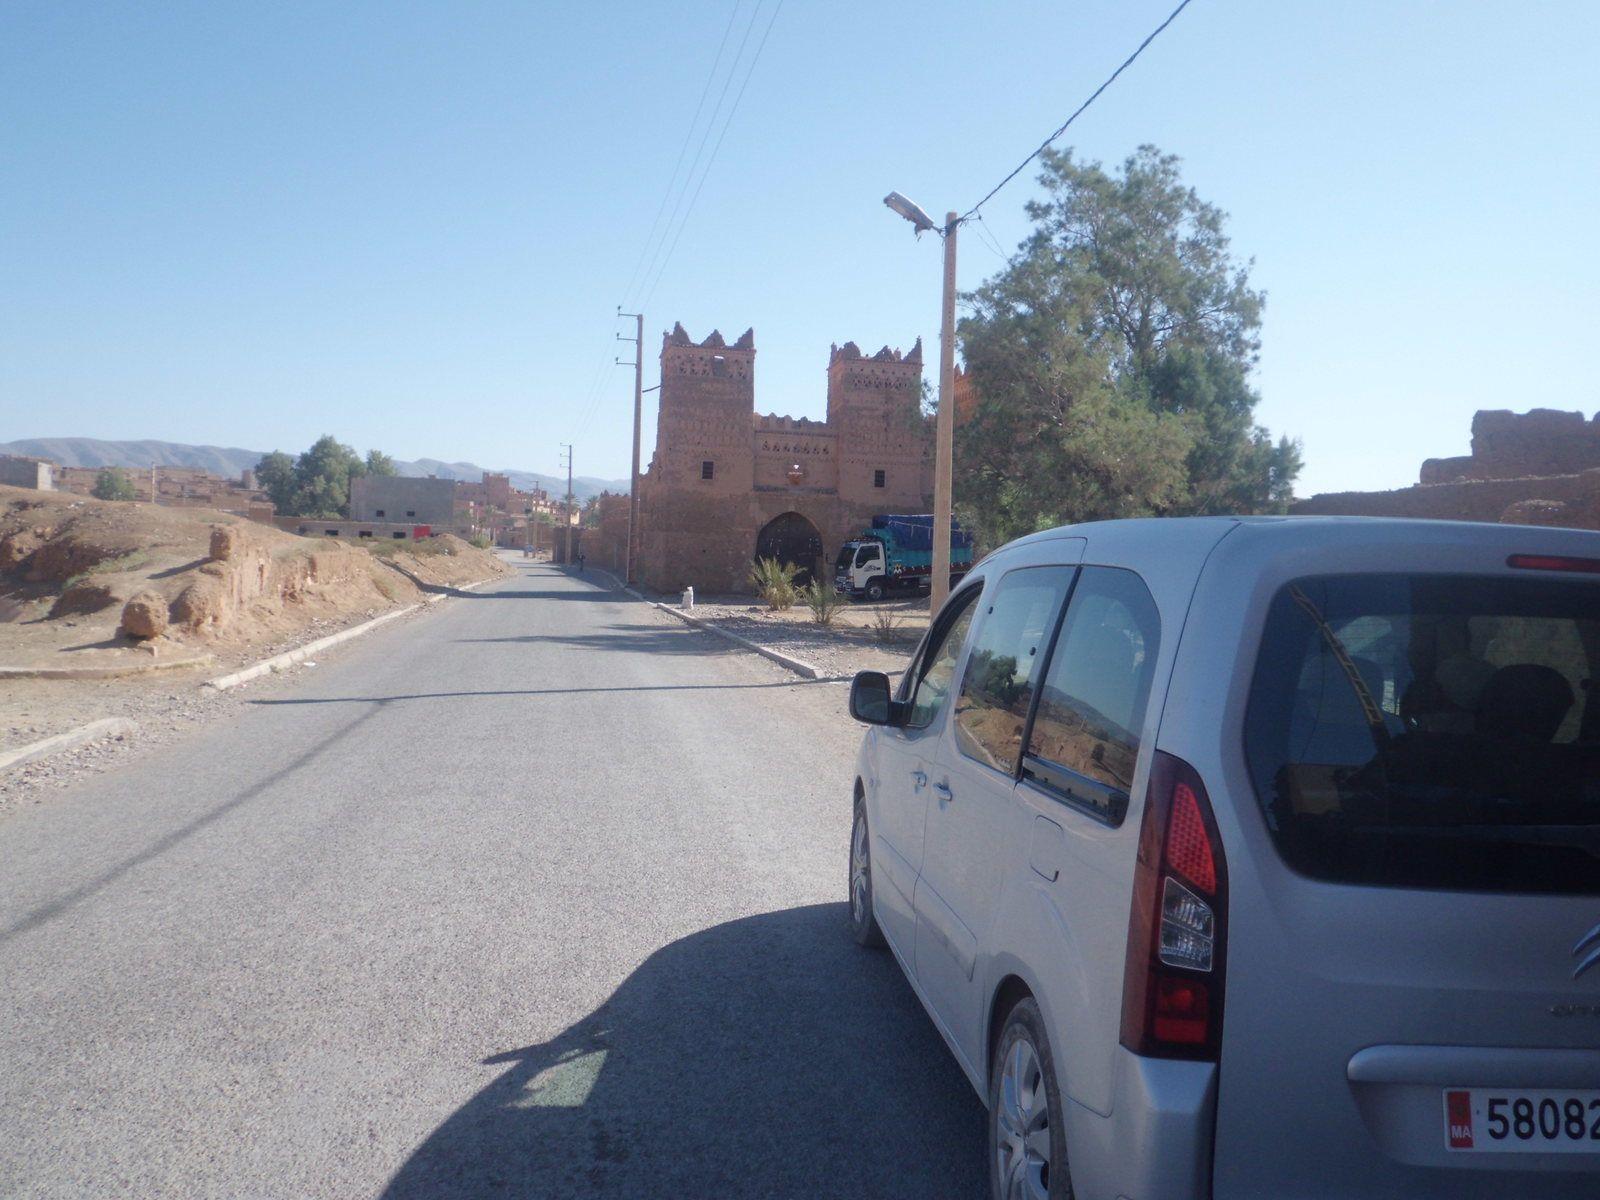 Sur la route de Mhamide LGhislane( Les cellules de Tortures)